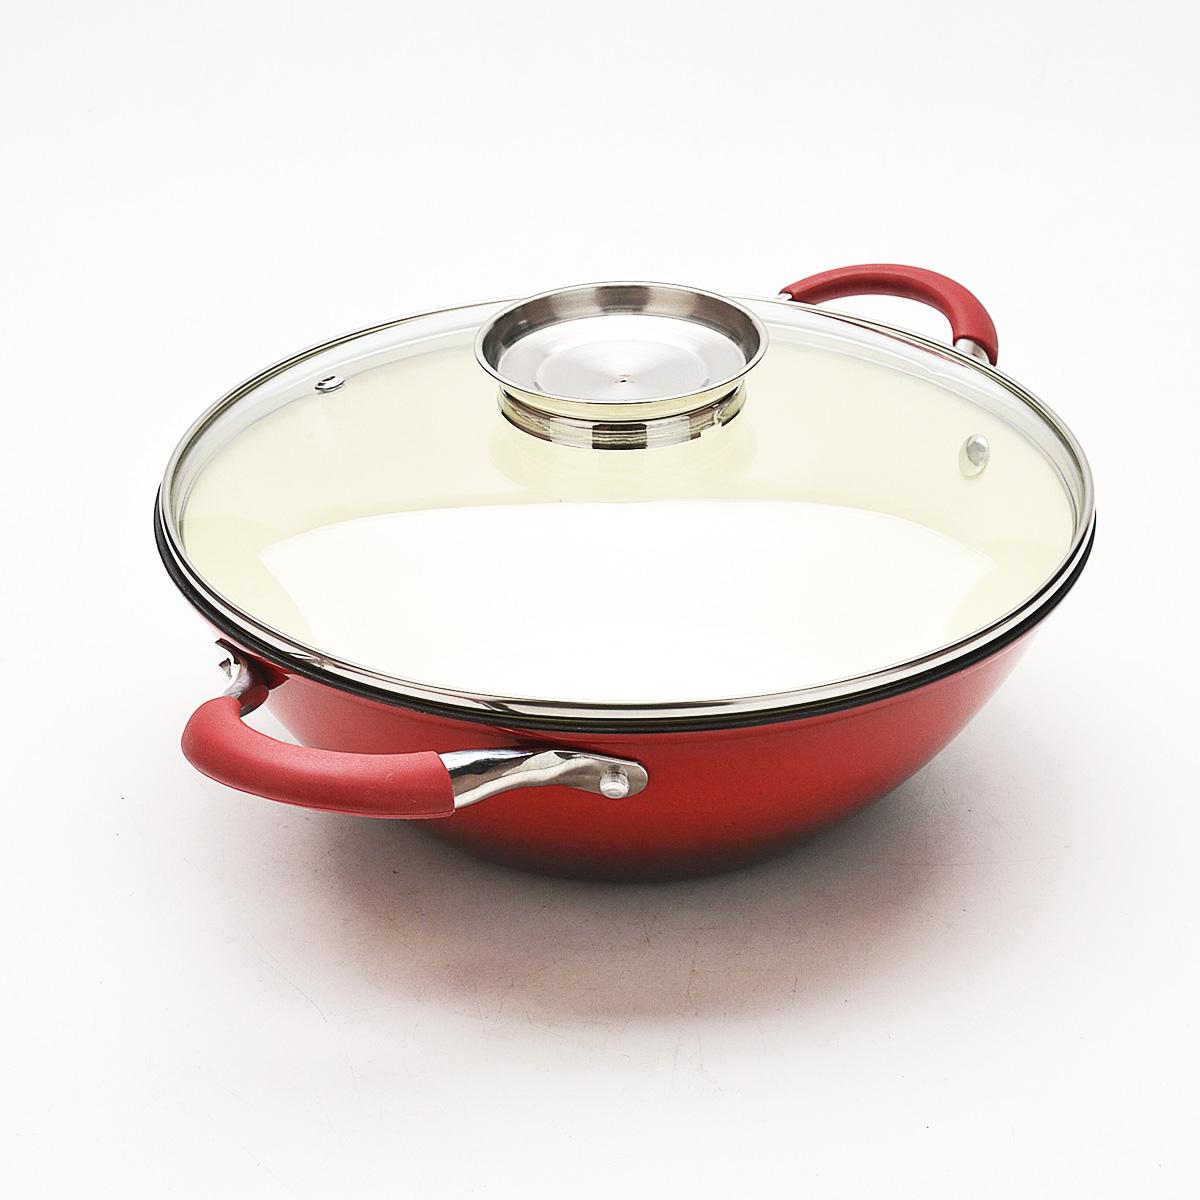 Казан Mayer & Boch с крышкой, с эмалевым покрытием, цвет: красный, 4,4 л54 009312Казан Mayer & Boch, изготовленный из чугуна, идеально подходит для приготовления вкусных тушеных блюд. Он имеет внешнее и внутреннее эмалевое покрытие. Чугун является традиционным высокопрочным, экологически чистым материалом. Его главной особенностью является то, что эмаль наносится с внешней и внутренней сторонах изделия. Причем, чем дольше и чаще вы пользуетесь этой посудой, тем лучше становятся ее свойства. Высокая теплоемкость чугуна позволяет ему сильно нагреваться и медленно остывать, а это в свою очередь обеспечивает равномерное приготовление пищи. Чугун не вступает в какие-либо химические реакции с пищей в процессе приготовления и хранения, а плотное покрытие - безупречное препятствие для бактерий и запахов. Пища, приготовленная в чугунной посуде, благодаря экологической чистоте материала не может нанести вред здоровью человека. Казан оснащен двумя удобными ручками из нержавеющей стали с силиконовыми вставками. К казану прилагается стеклянная крышка с пароотводом, ручкой и ободом из нержавеющей стали. Крышка удобна в использовании и позволяет контролировать процесс приготовления пищи. Казан Mayer & Boch можно использовать на всех типах плит, кроме индукционной. Также изделие можно мыть в посудомоечной машине. Ширина казана с учетом ручек: 42 см.Высота казана (без учета крышки): 10 см.Толщина стенки: 4 мм. Толщина дна: 5 мм.